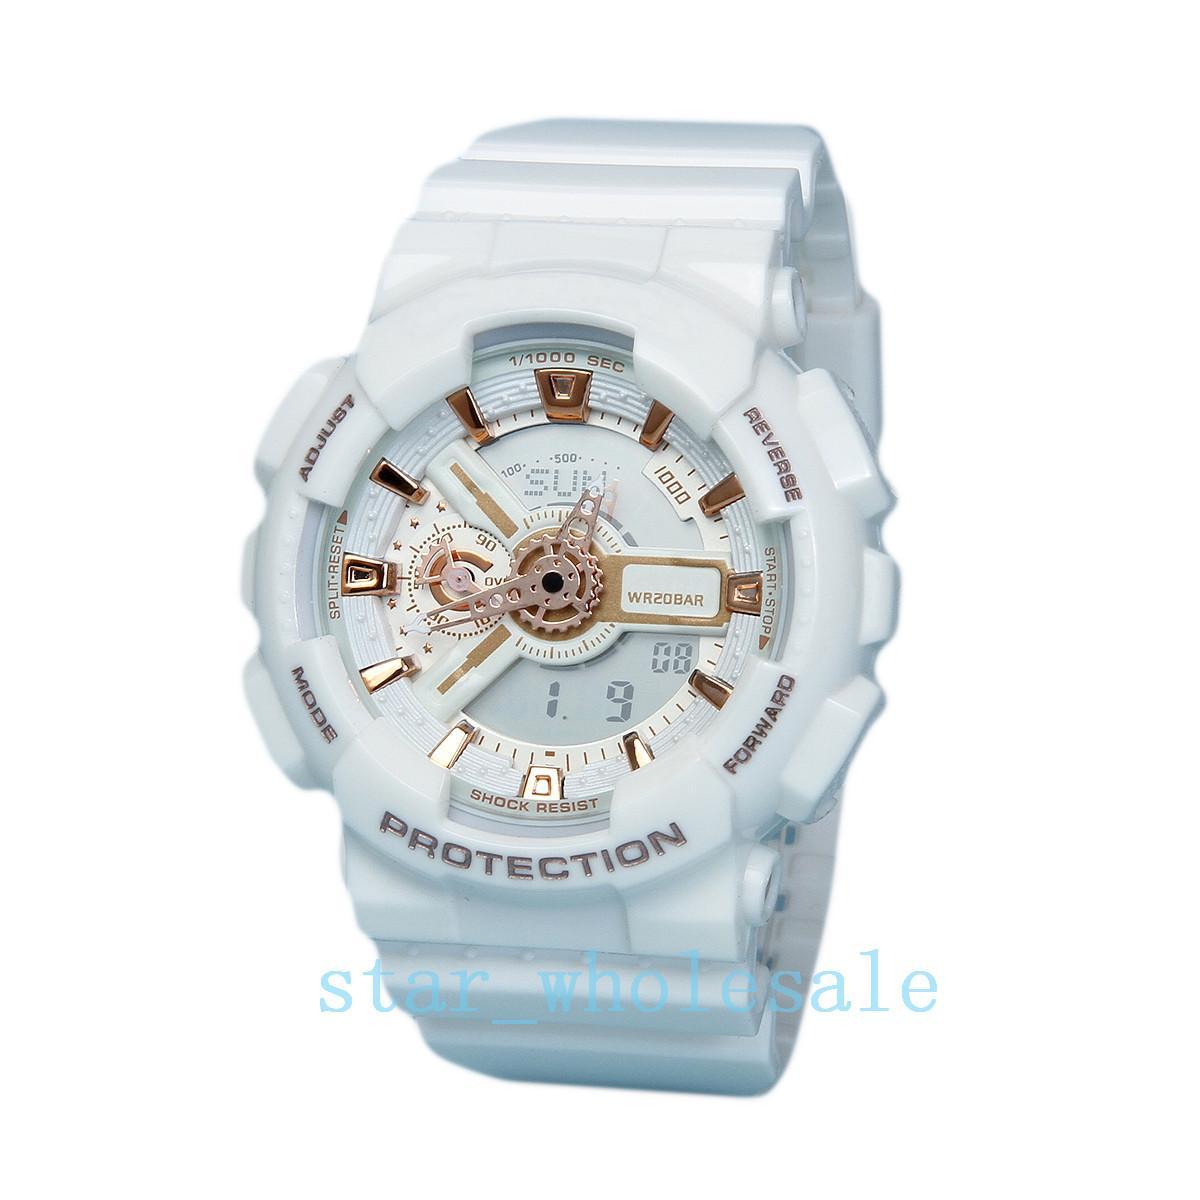 Top relogio G110 Herren-Sportuhren, LED-Chronograph-Armbanduhr, Militäruhr, Digitaluhr, gutes Geschenk für Männer Junge, Dropshipping